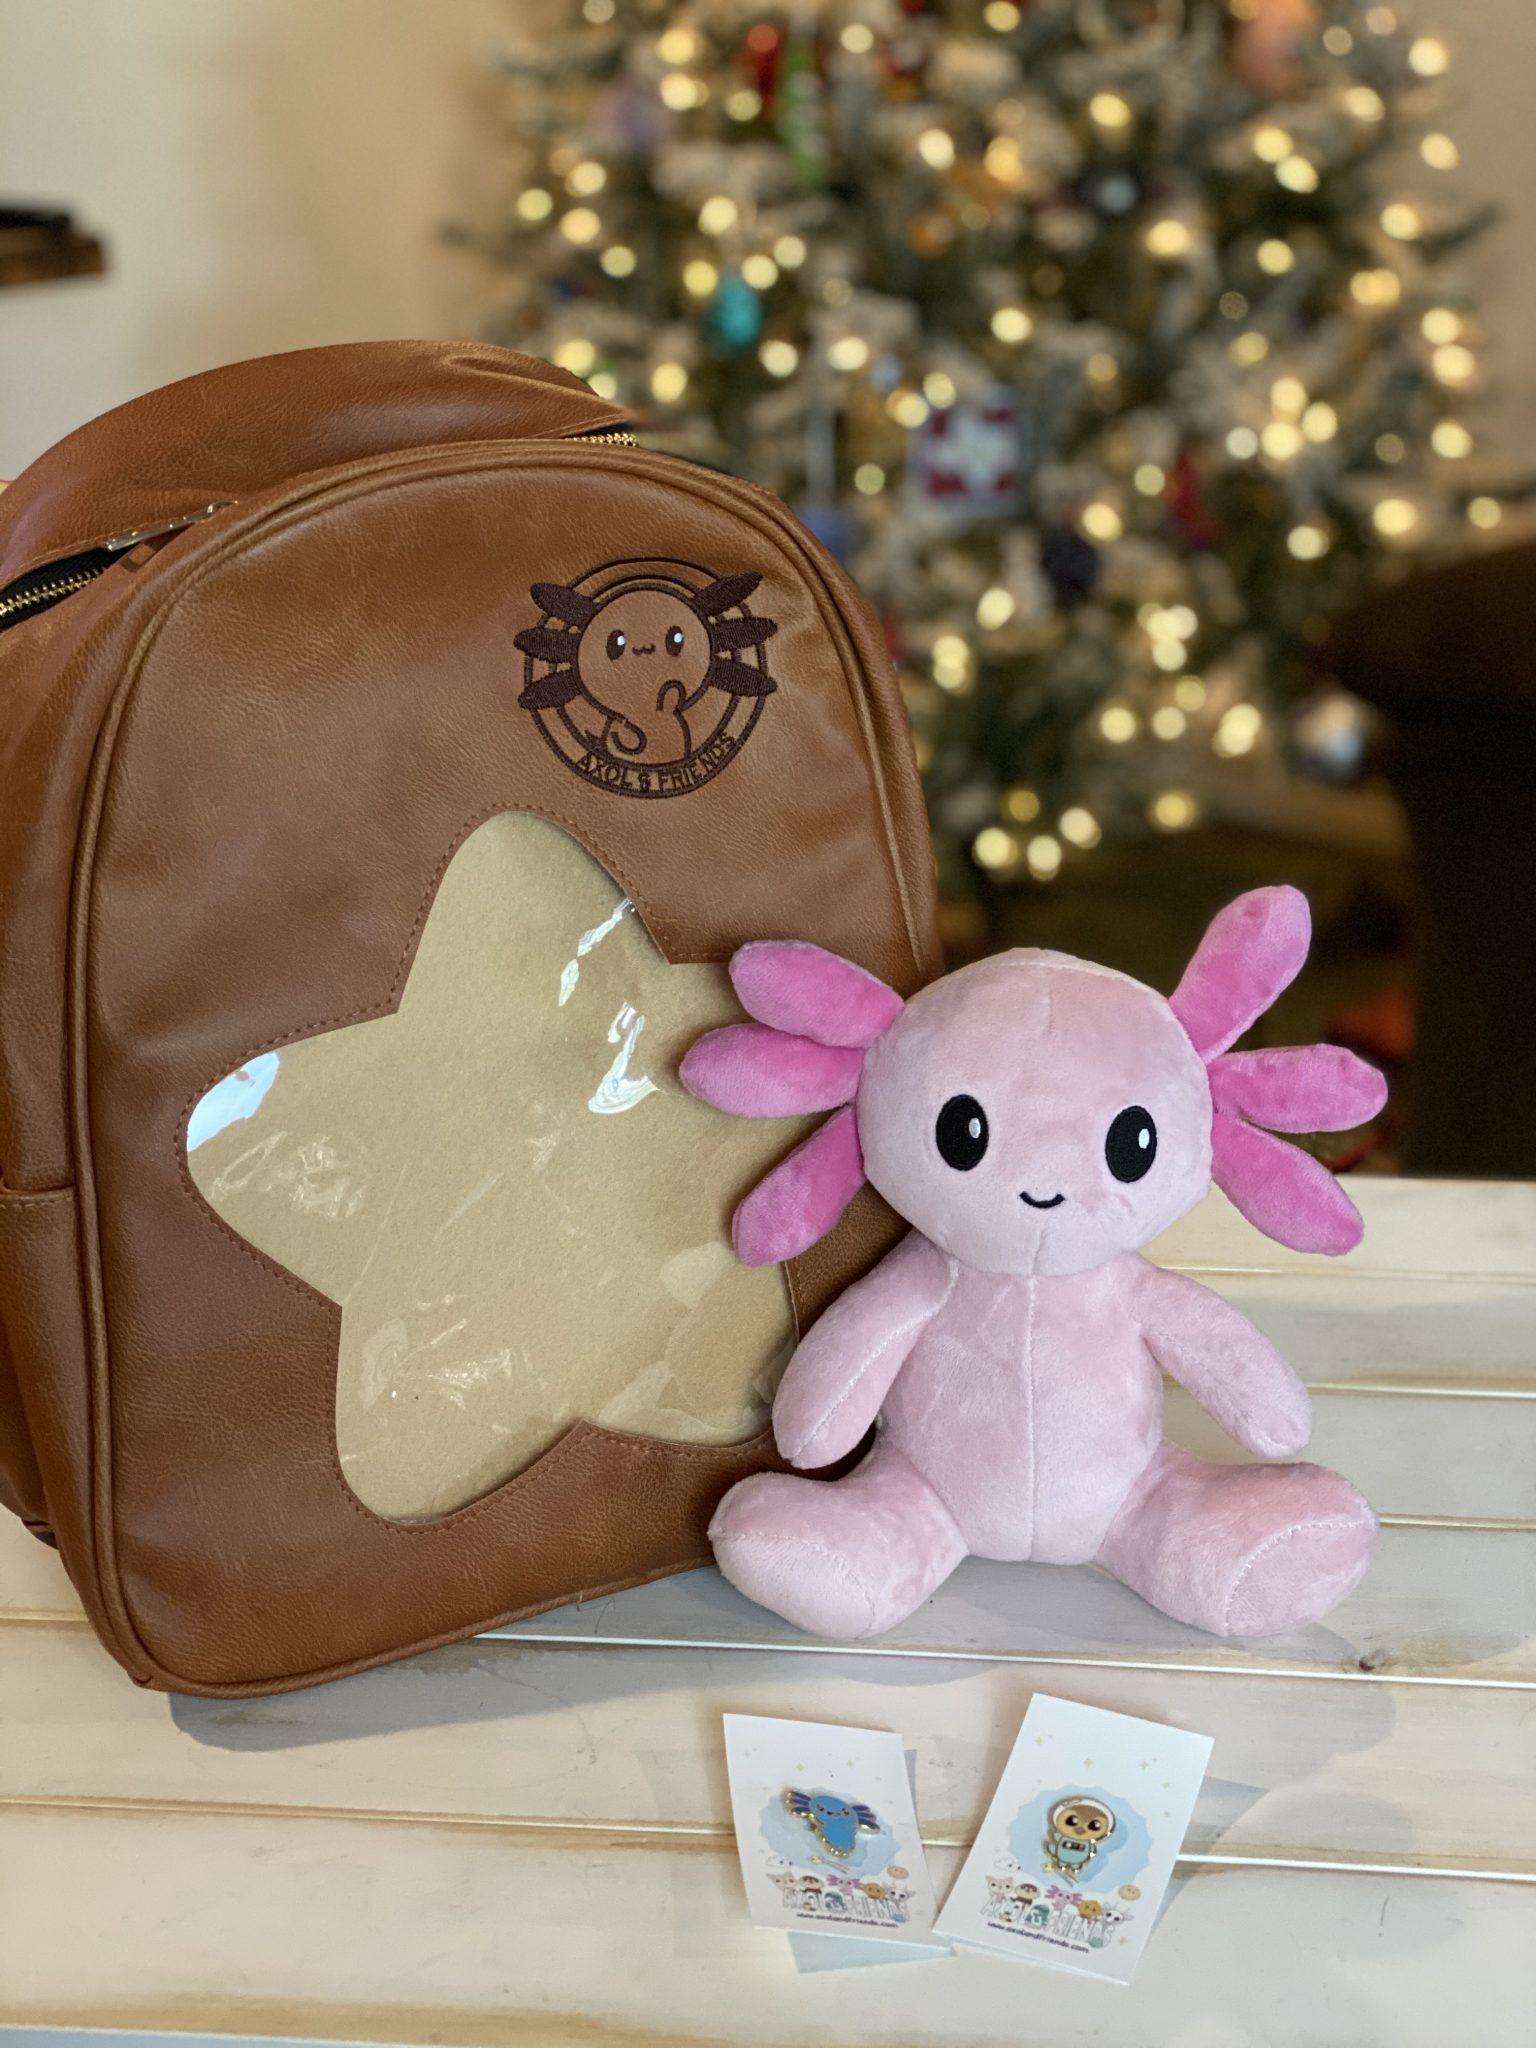 Axol & Friends World Adventure Backpack